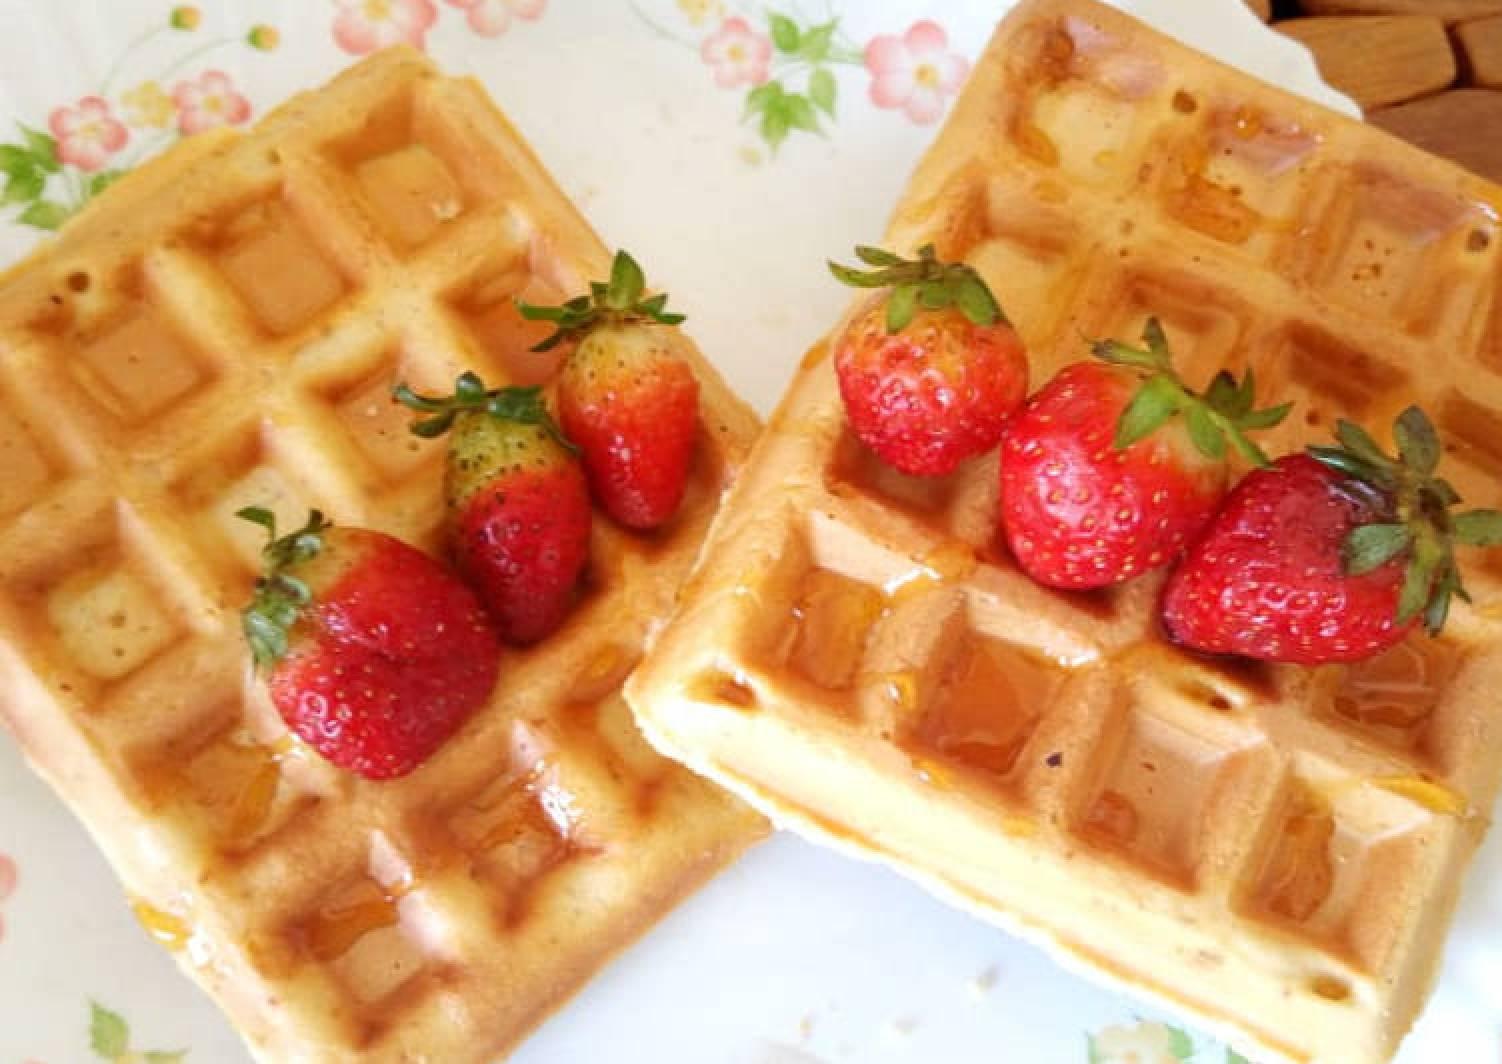 Belgian waffles # breakfast delight